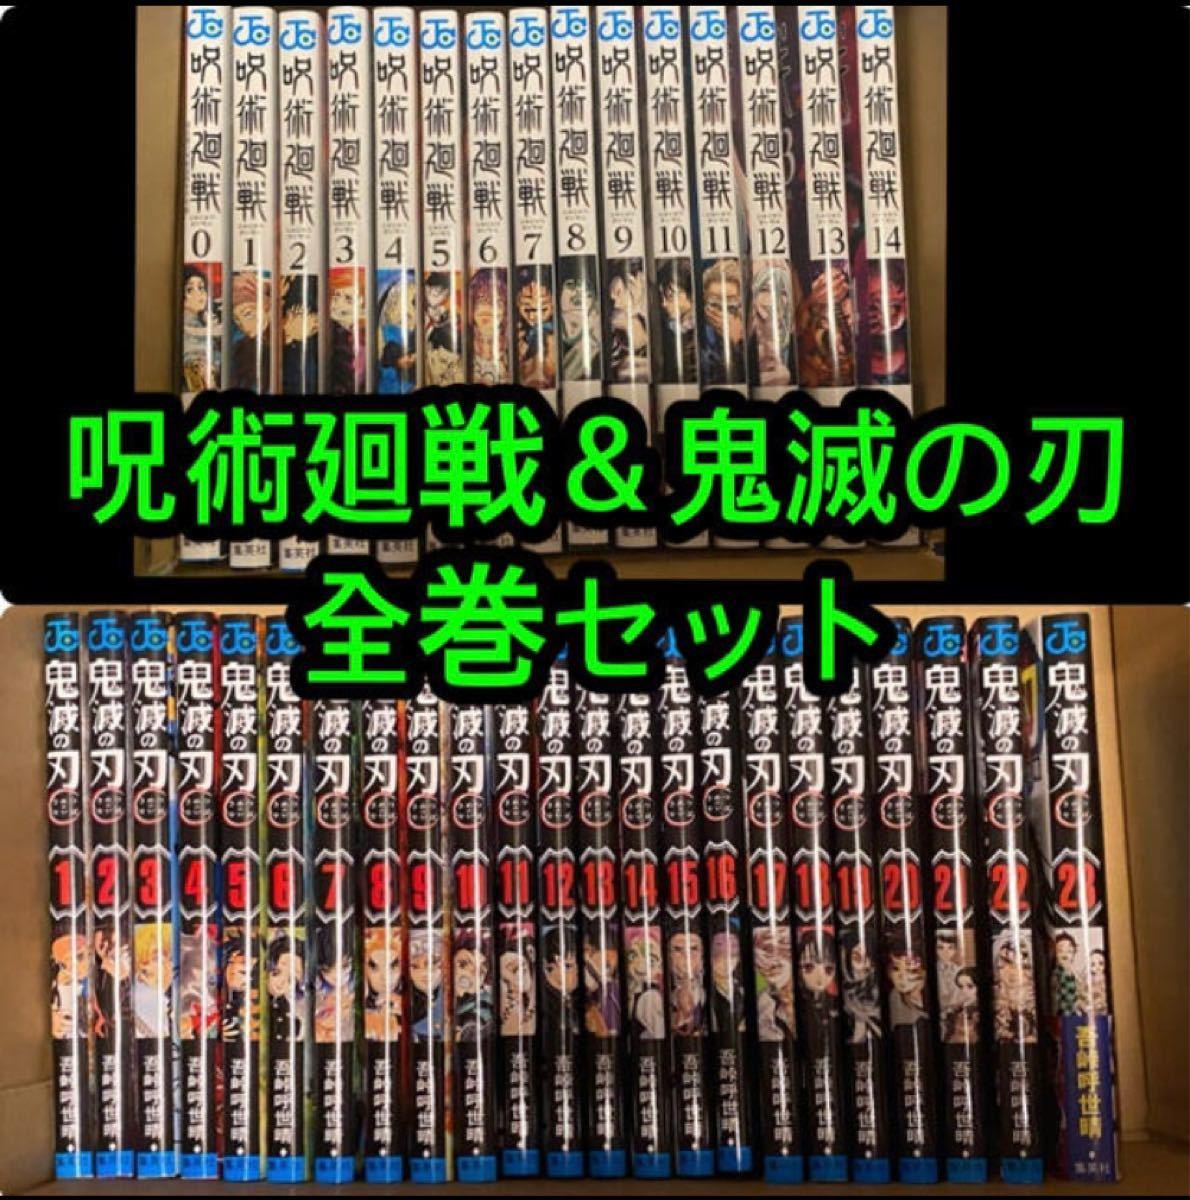 【人気コミック】呪術廻戦&鬼滅の刃 全巻セット